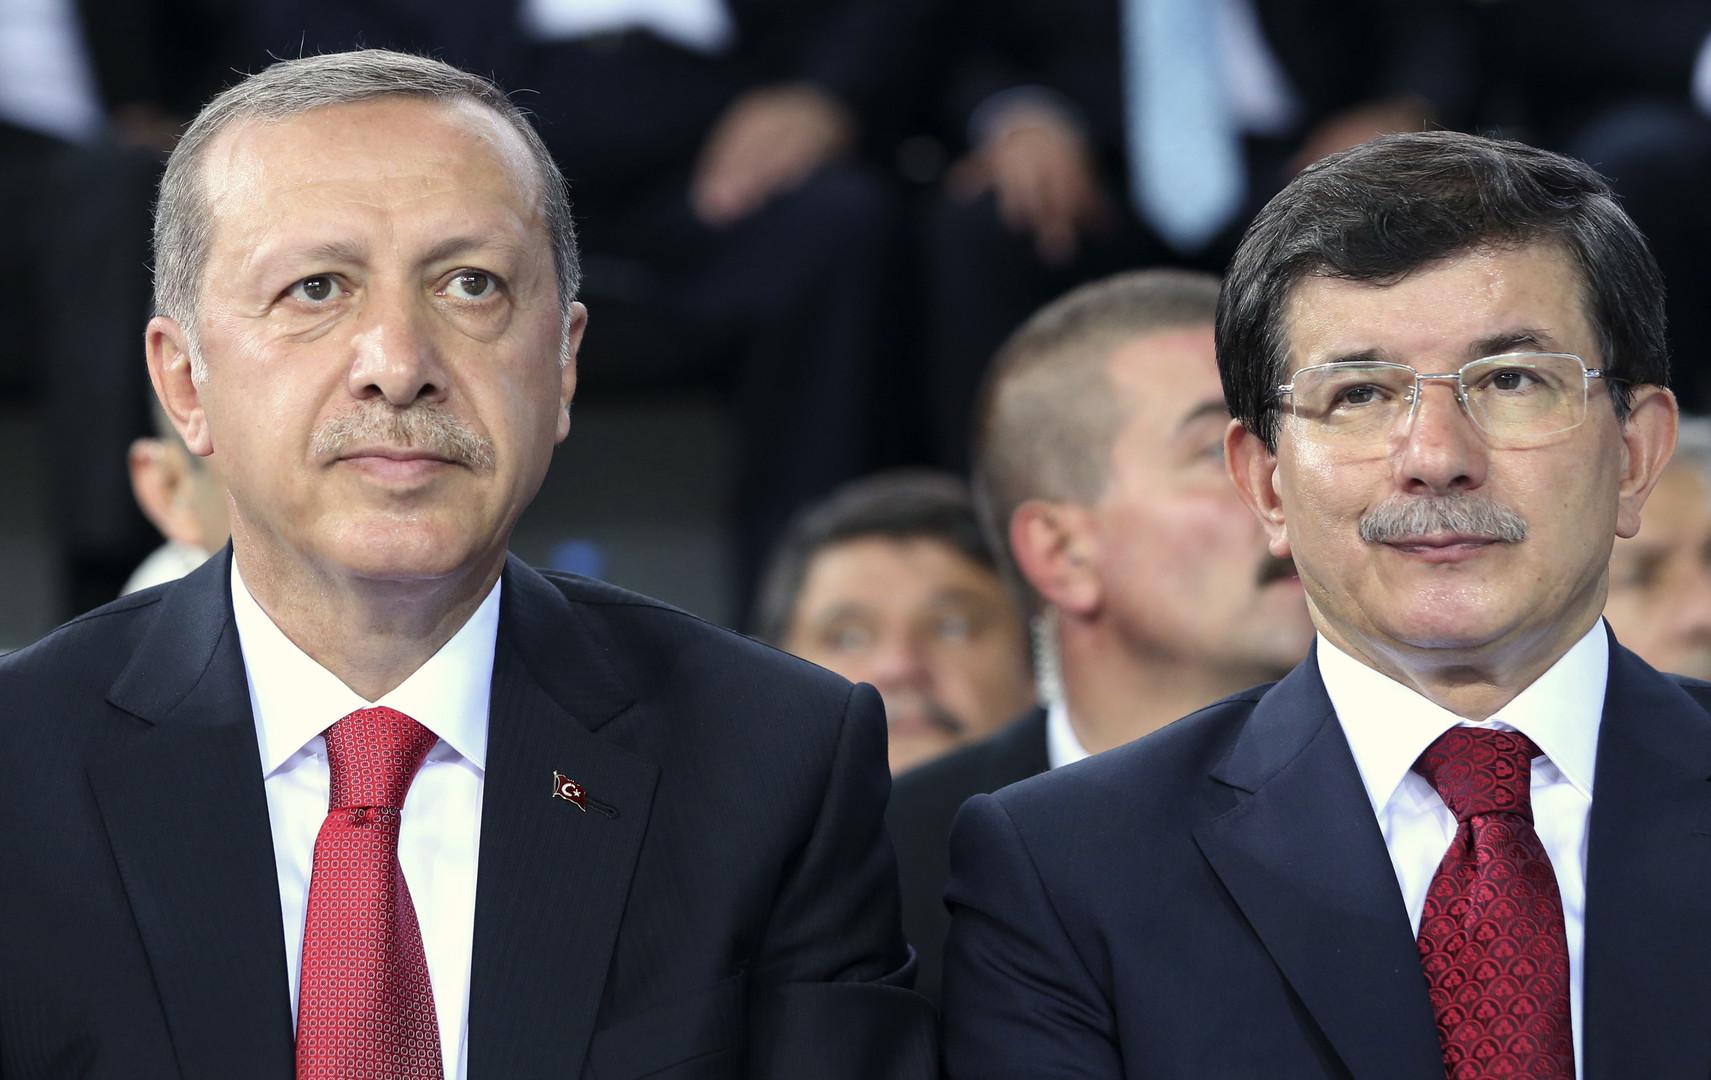 """فلاديمير بوتين يضع حدا للمشروع """"العثماني الجديد"""" لأنقرة"""